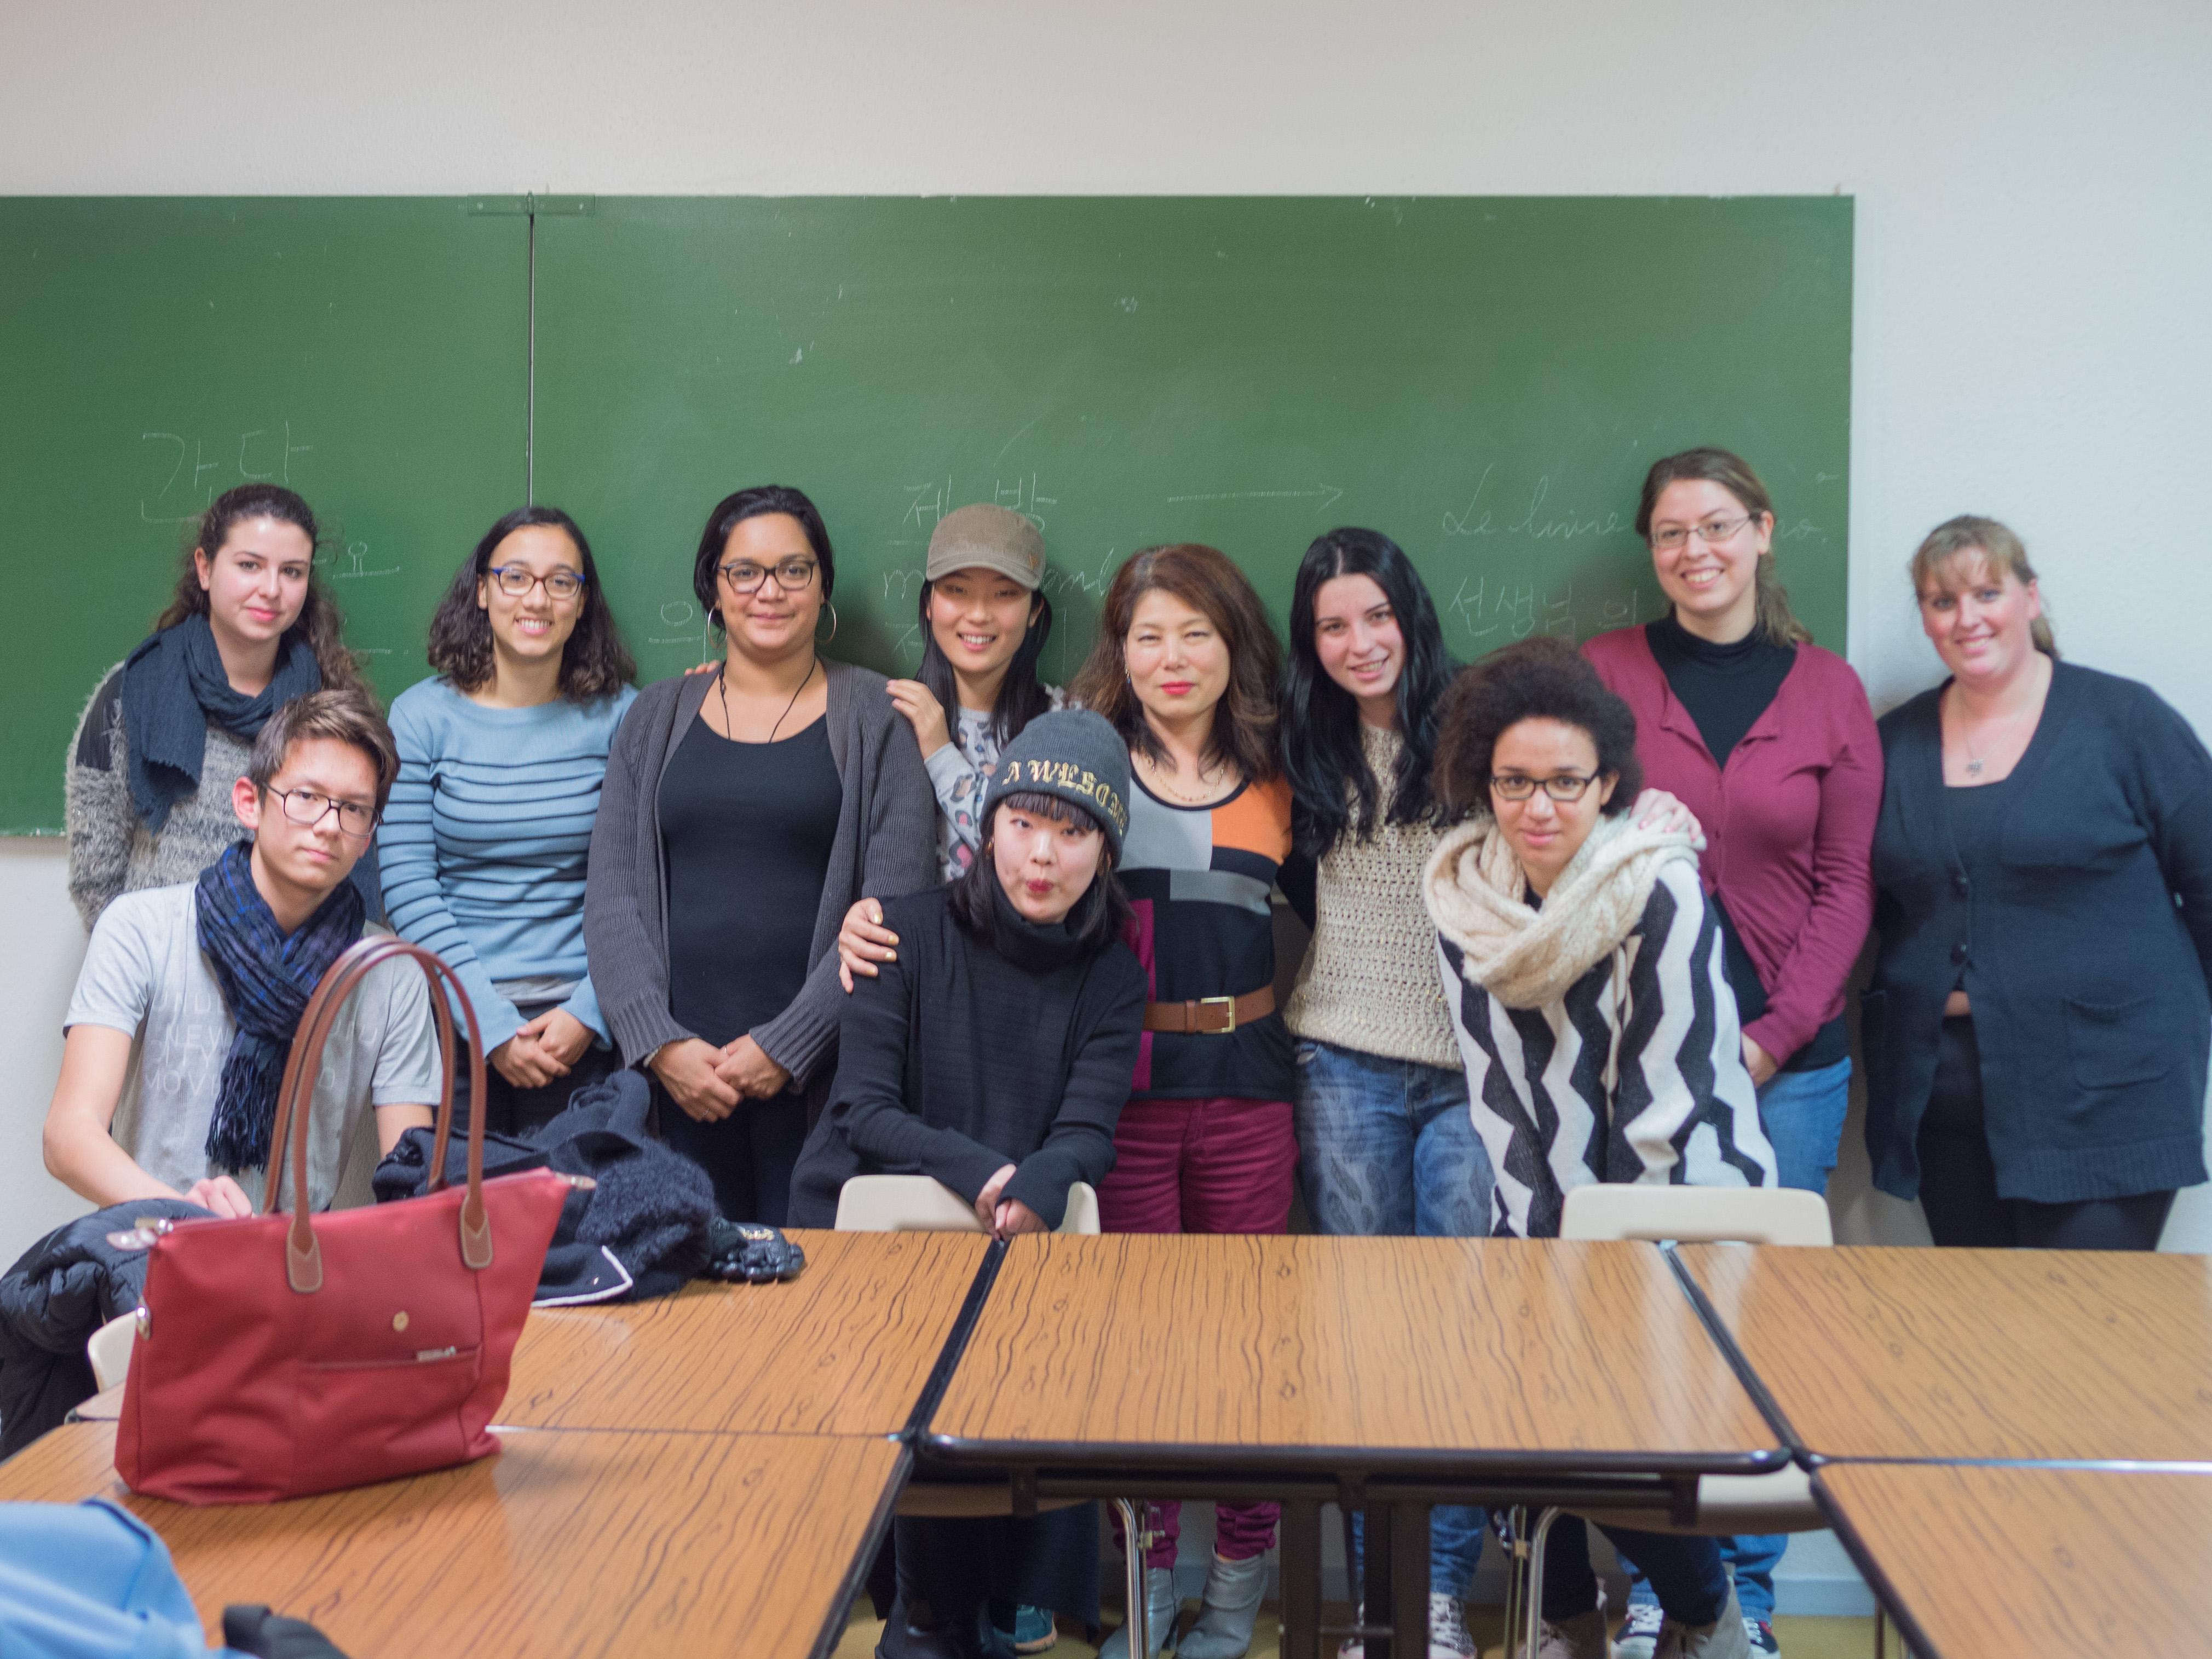 classe_coréen_couleur_corée_bordeaux.jpg